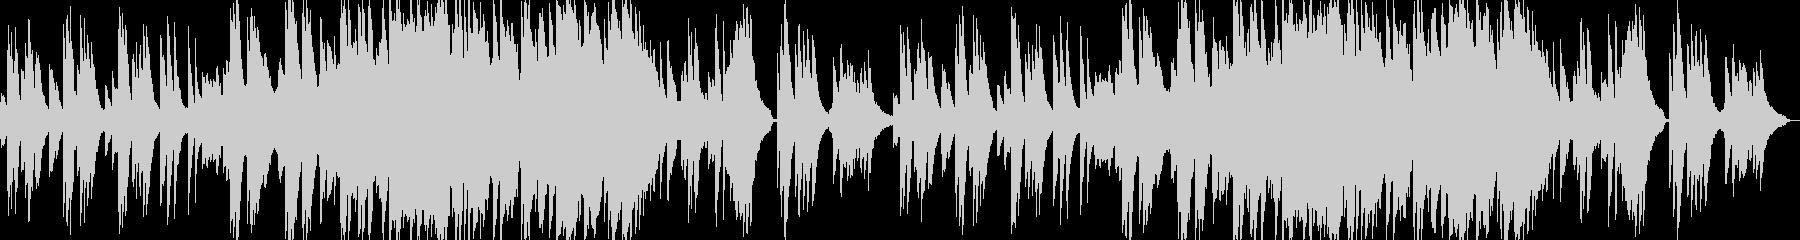 感動的できれいなピアノバラードの未再生の波形